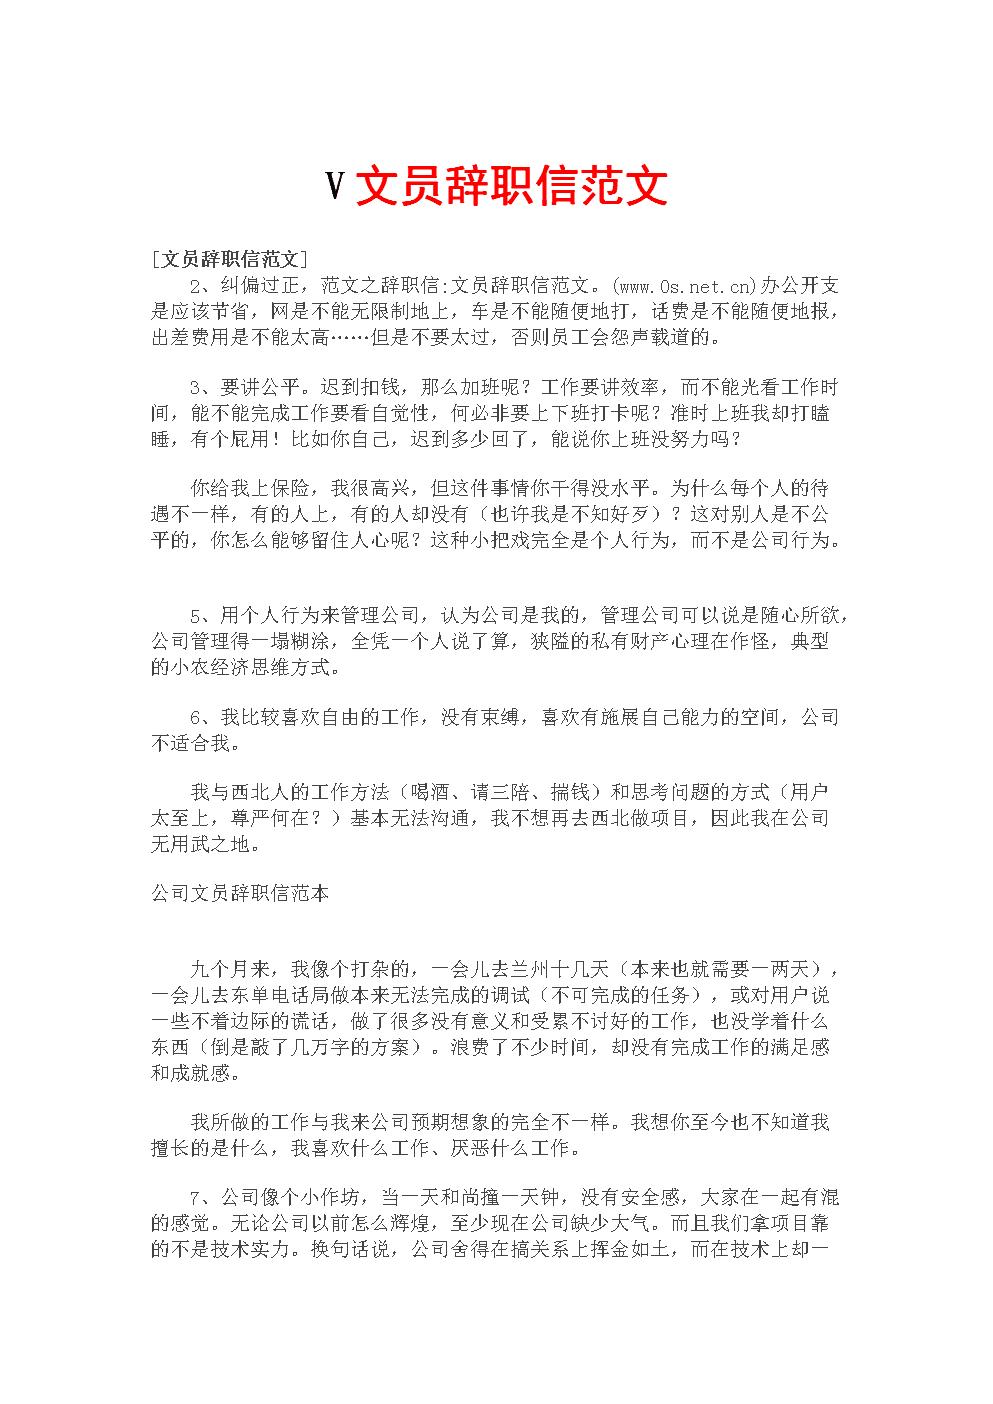 V文员辞职信范文.docx